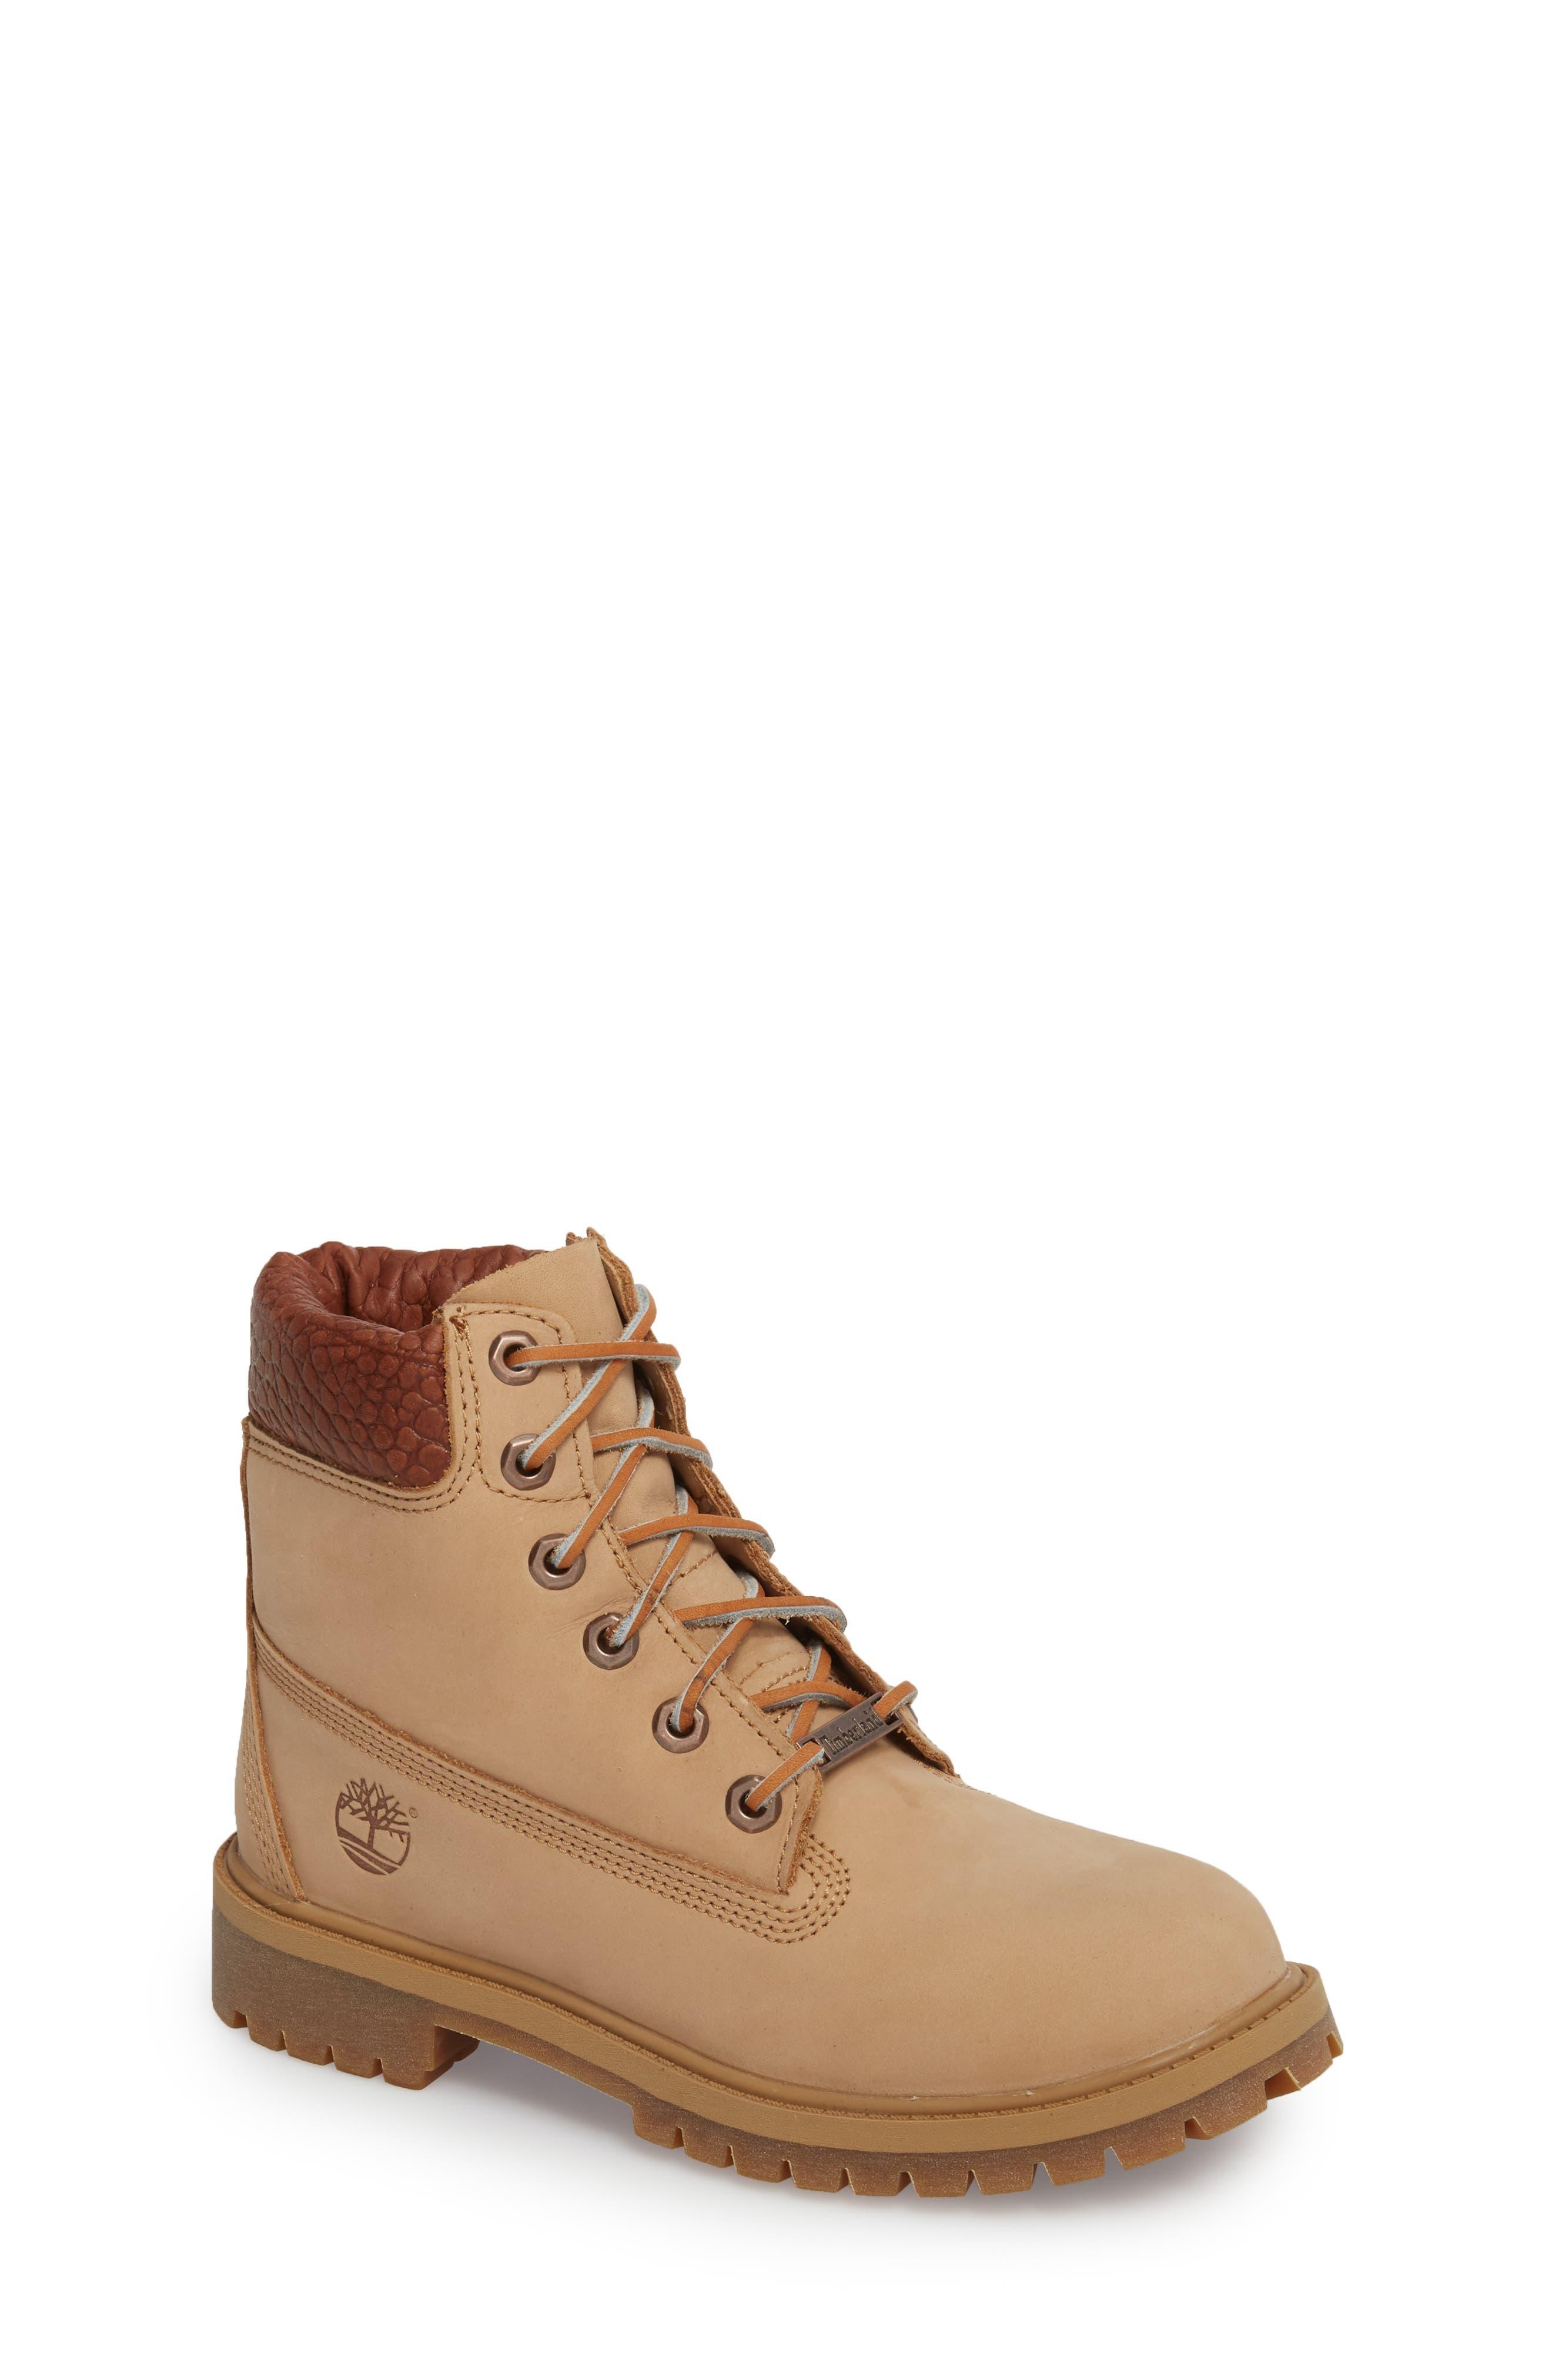 Chaussures Nike Enfant En Bas Âge Taille 10 5 Timberland à bas prix achat de réduction 2014 unisexe rabais prix incroyable afQNXH